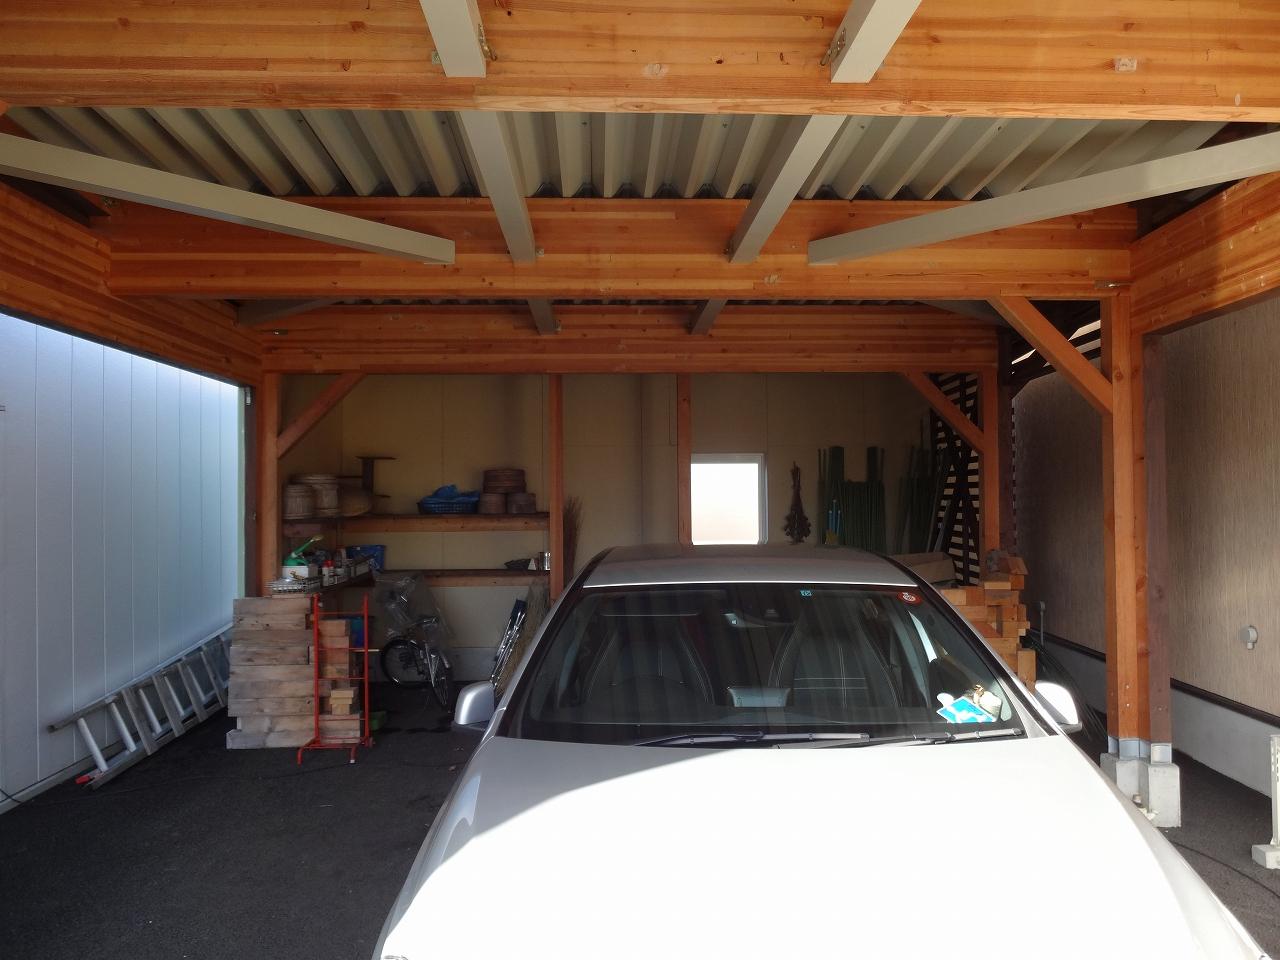 完成したガレージ内部です。工具を置く棚も造作。